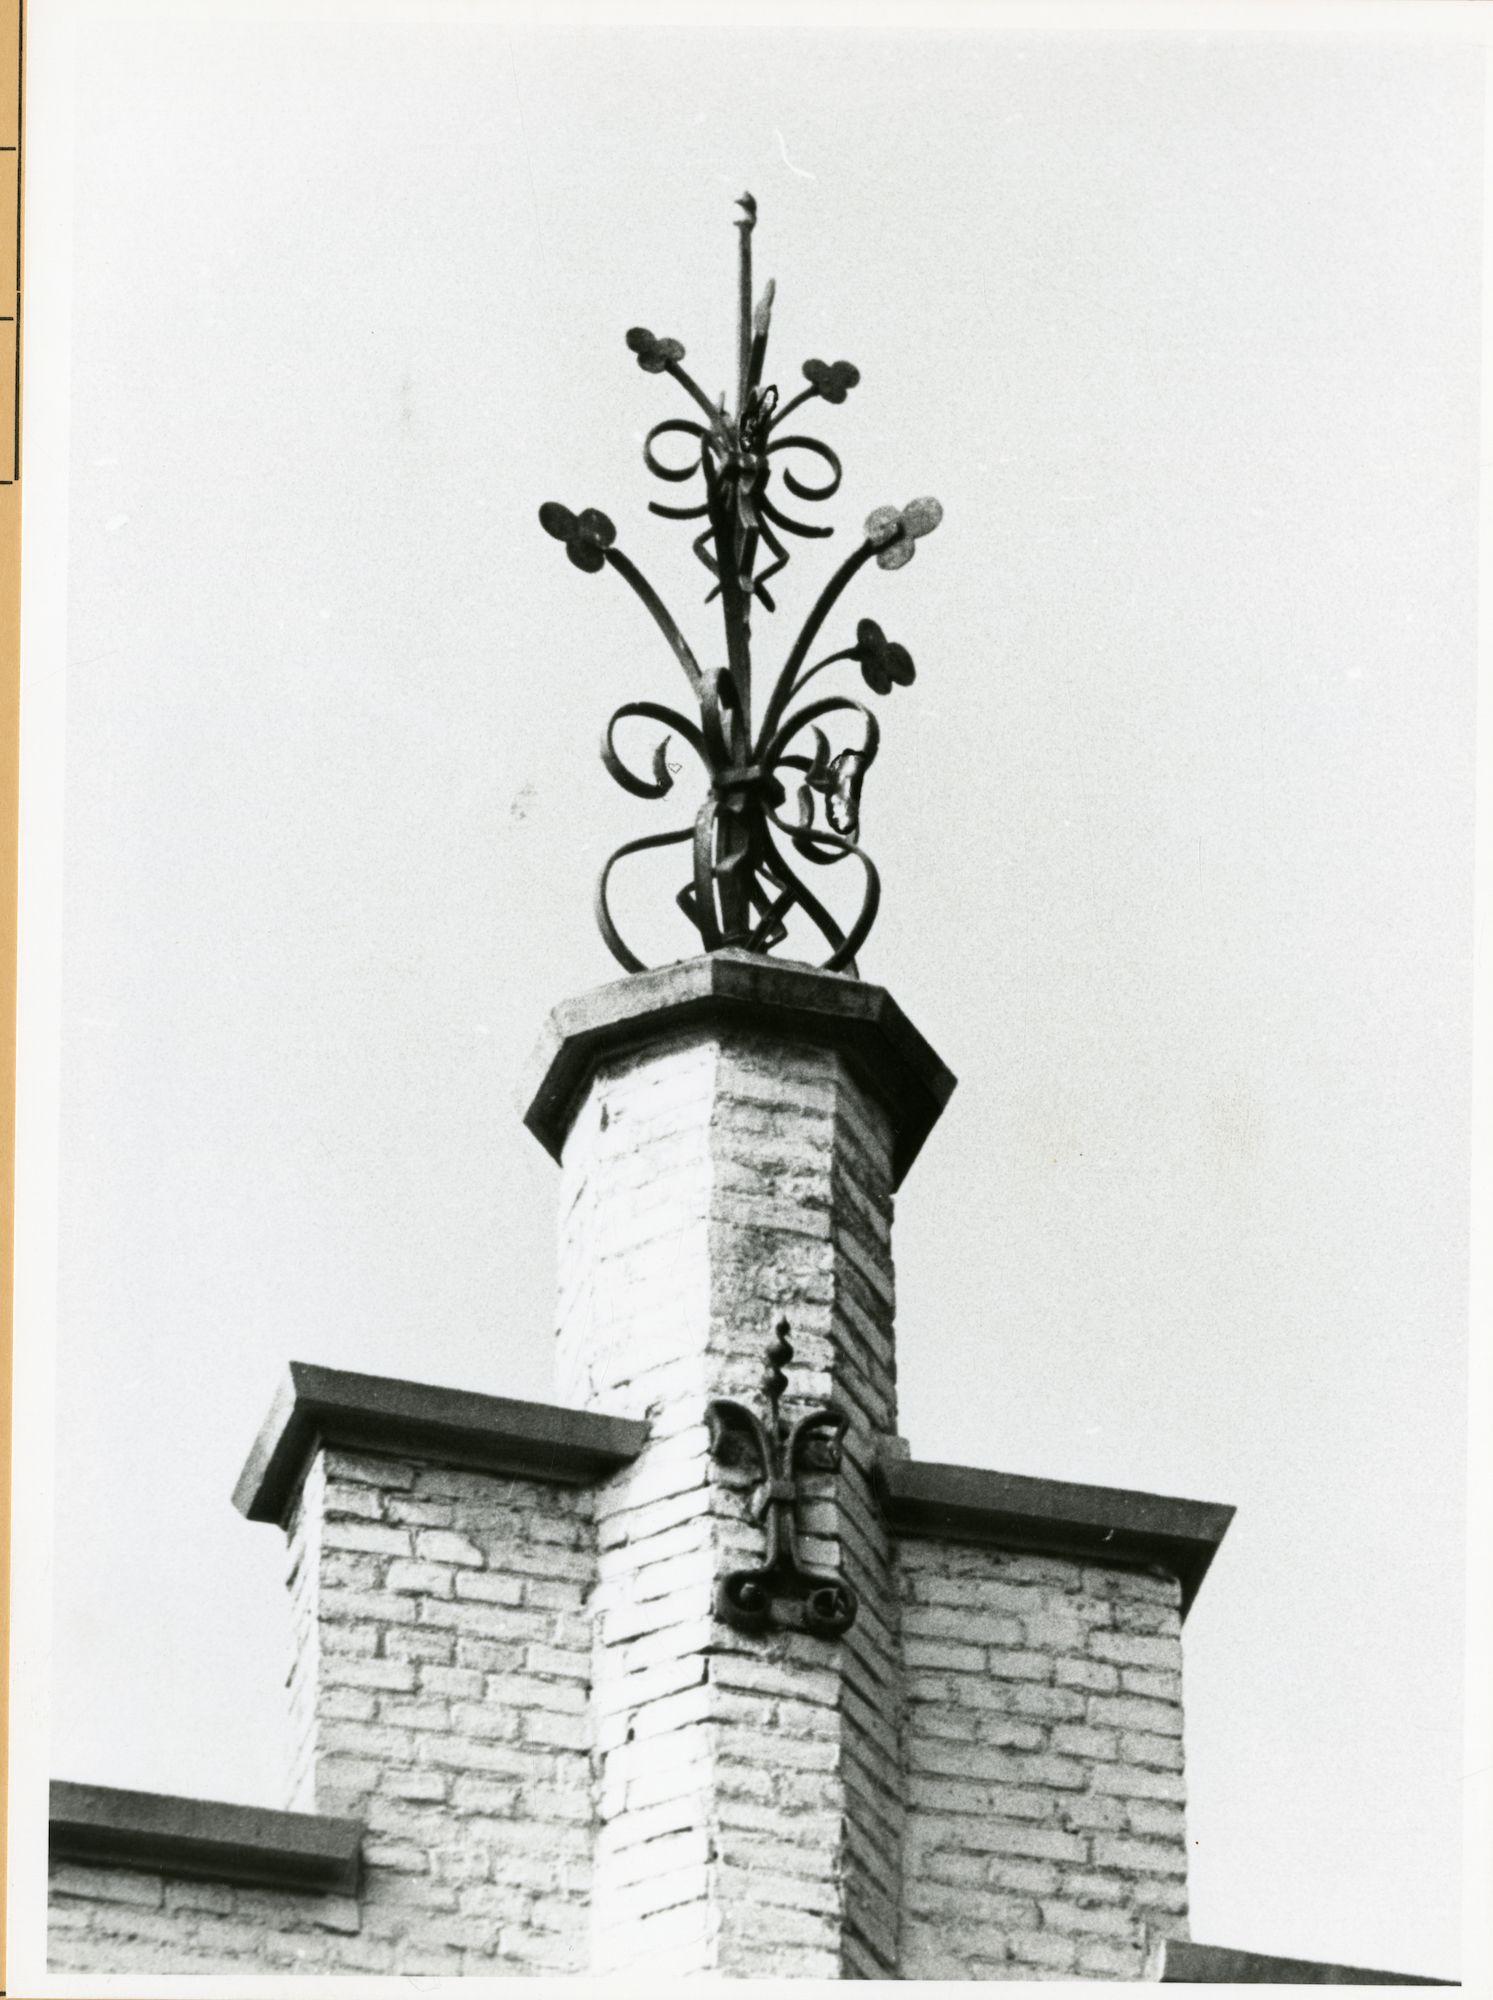 Gent: Martelaarslaan 413: Nokversiering, 1979